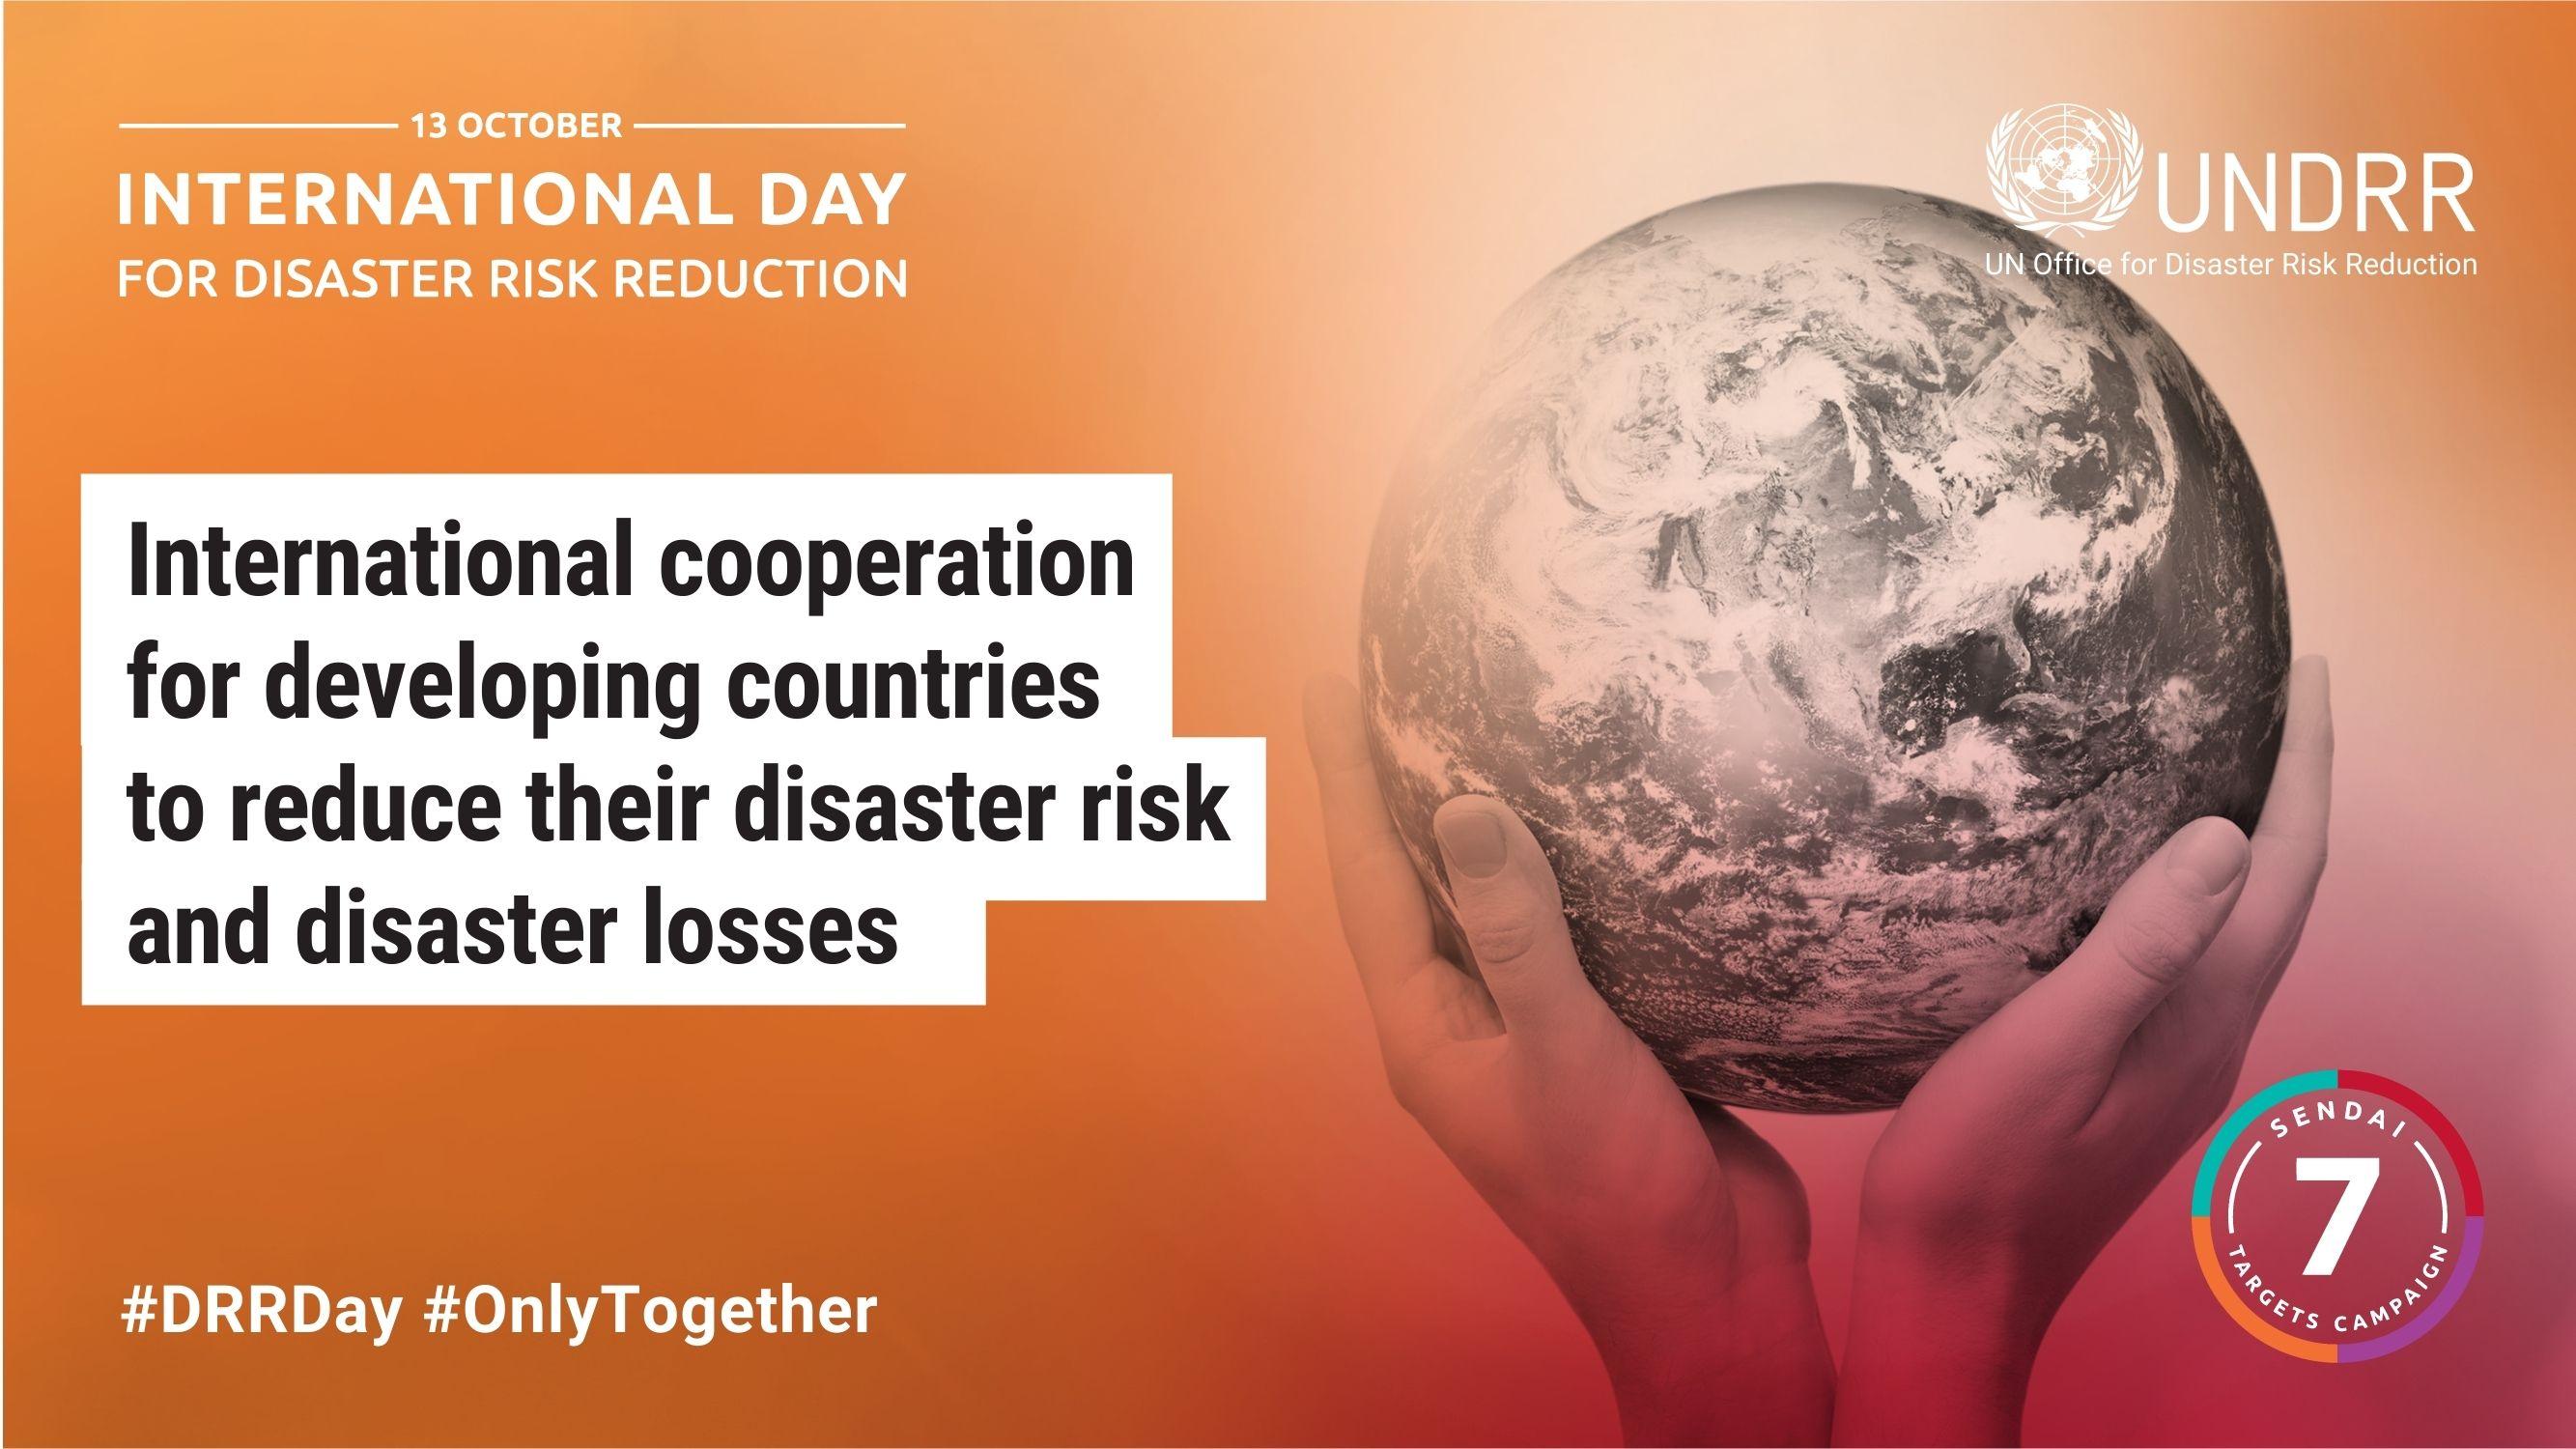 #OnlyTogether for Disaster Risk Reduction